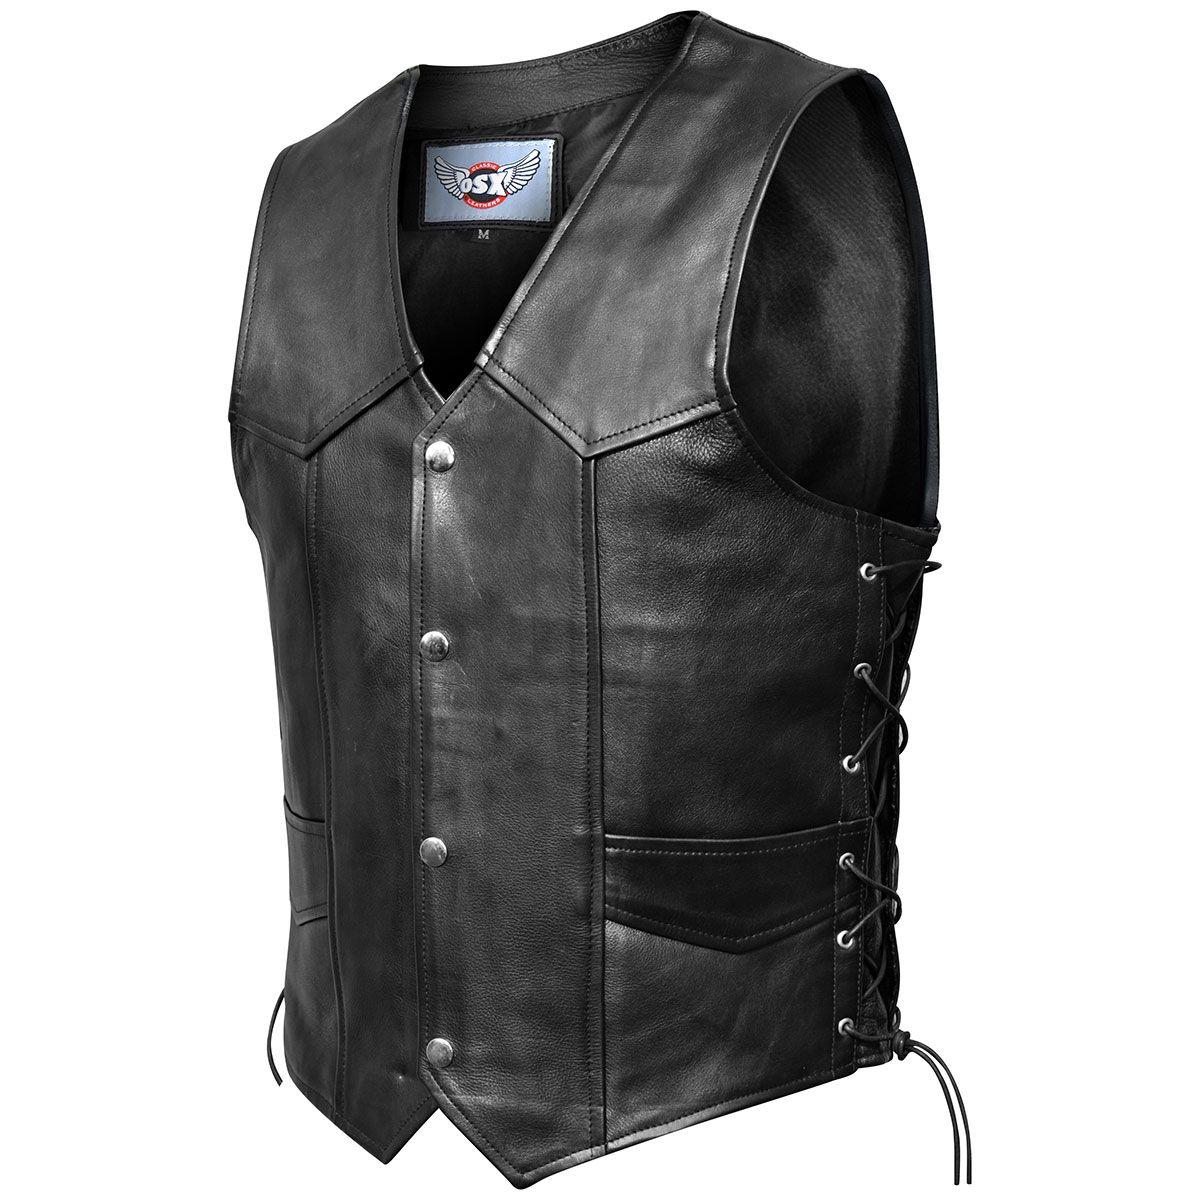 veste cuir sans manches mec osx fresco vestes blousons rock a gogo. Black Bedroom Furniture Sets. Home Design Ideas